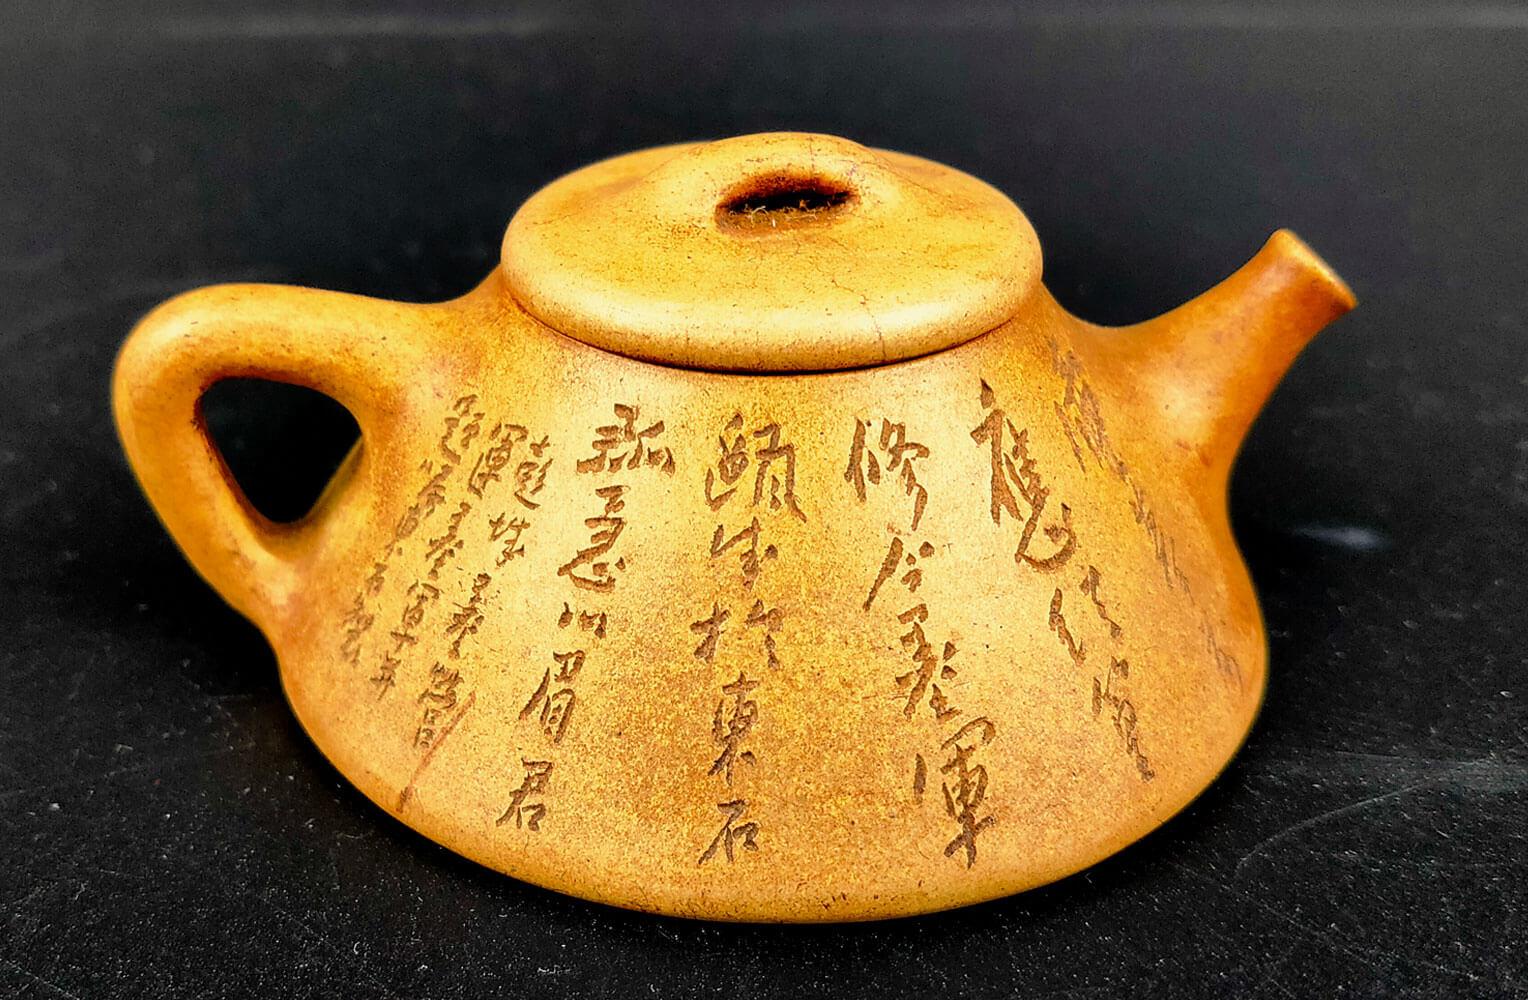 墨壷款 東石製中国朱泥(紫砂壷)急須 商品画像